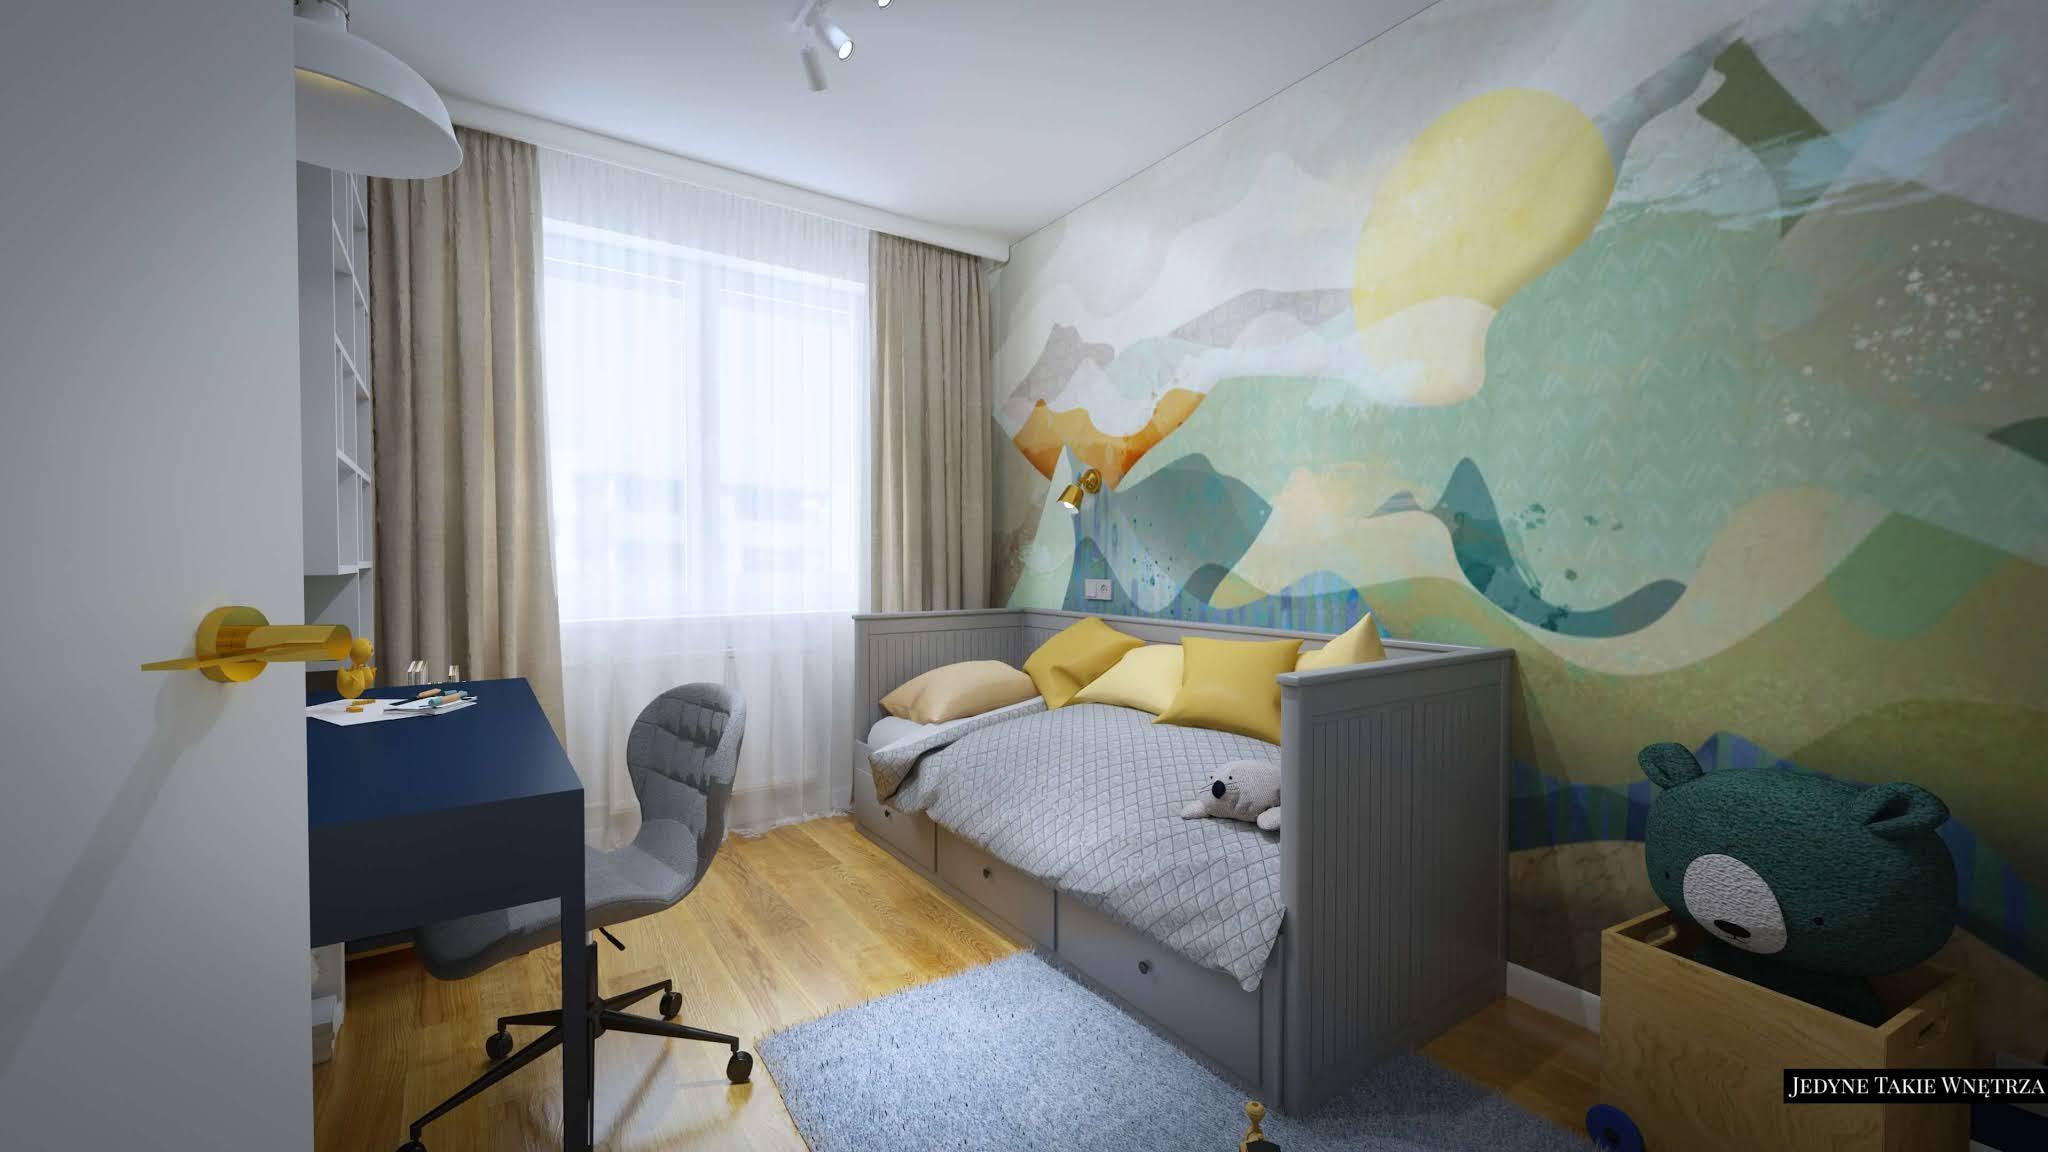 Projekty wnętrz - pokój dziecięcy w mieszkaniu glamour